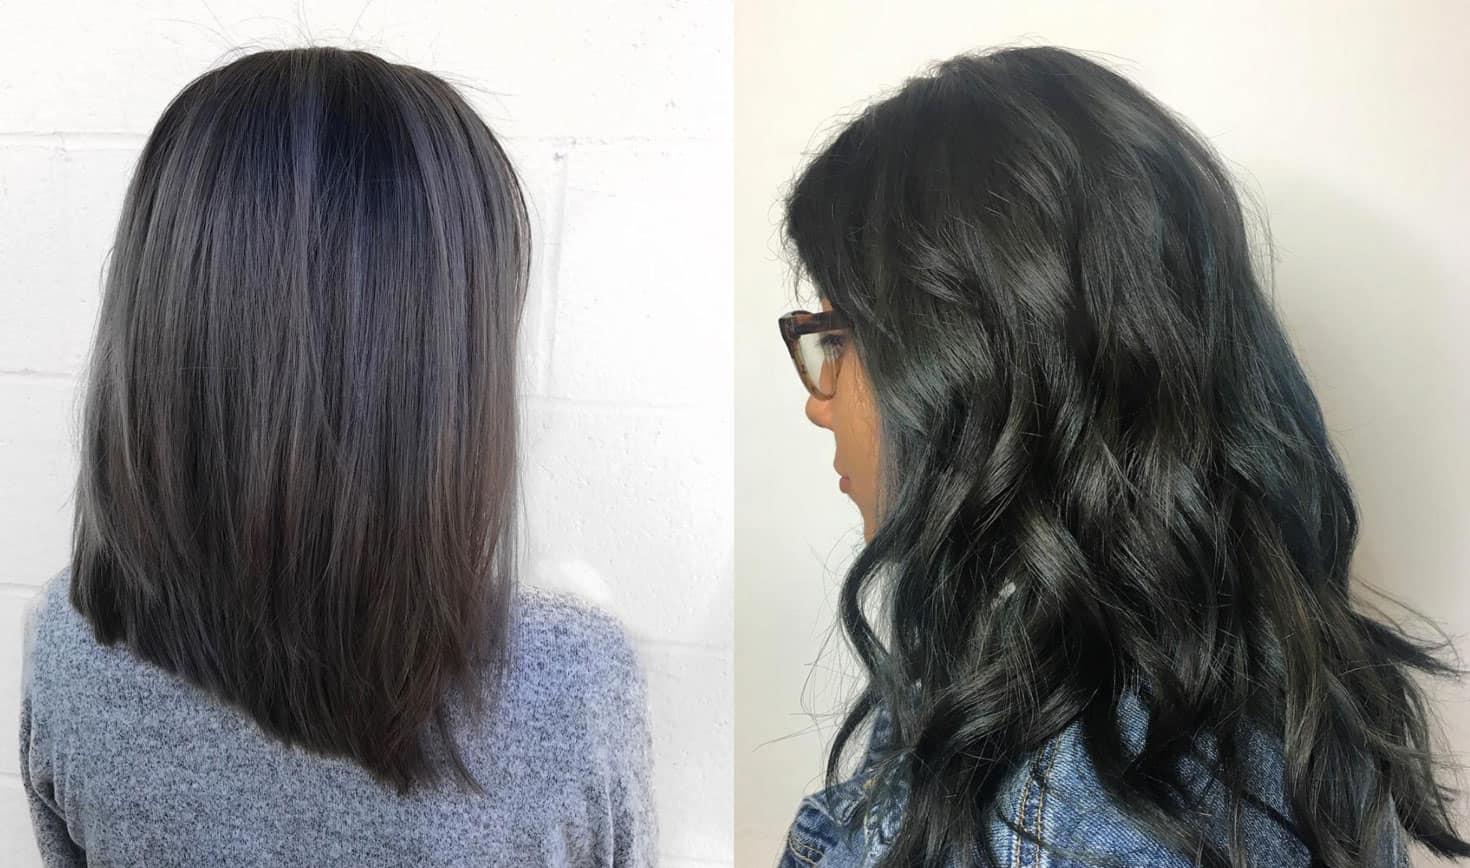 طريقة الحصول على شعر رمادي